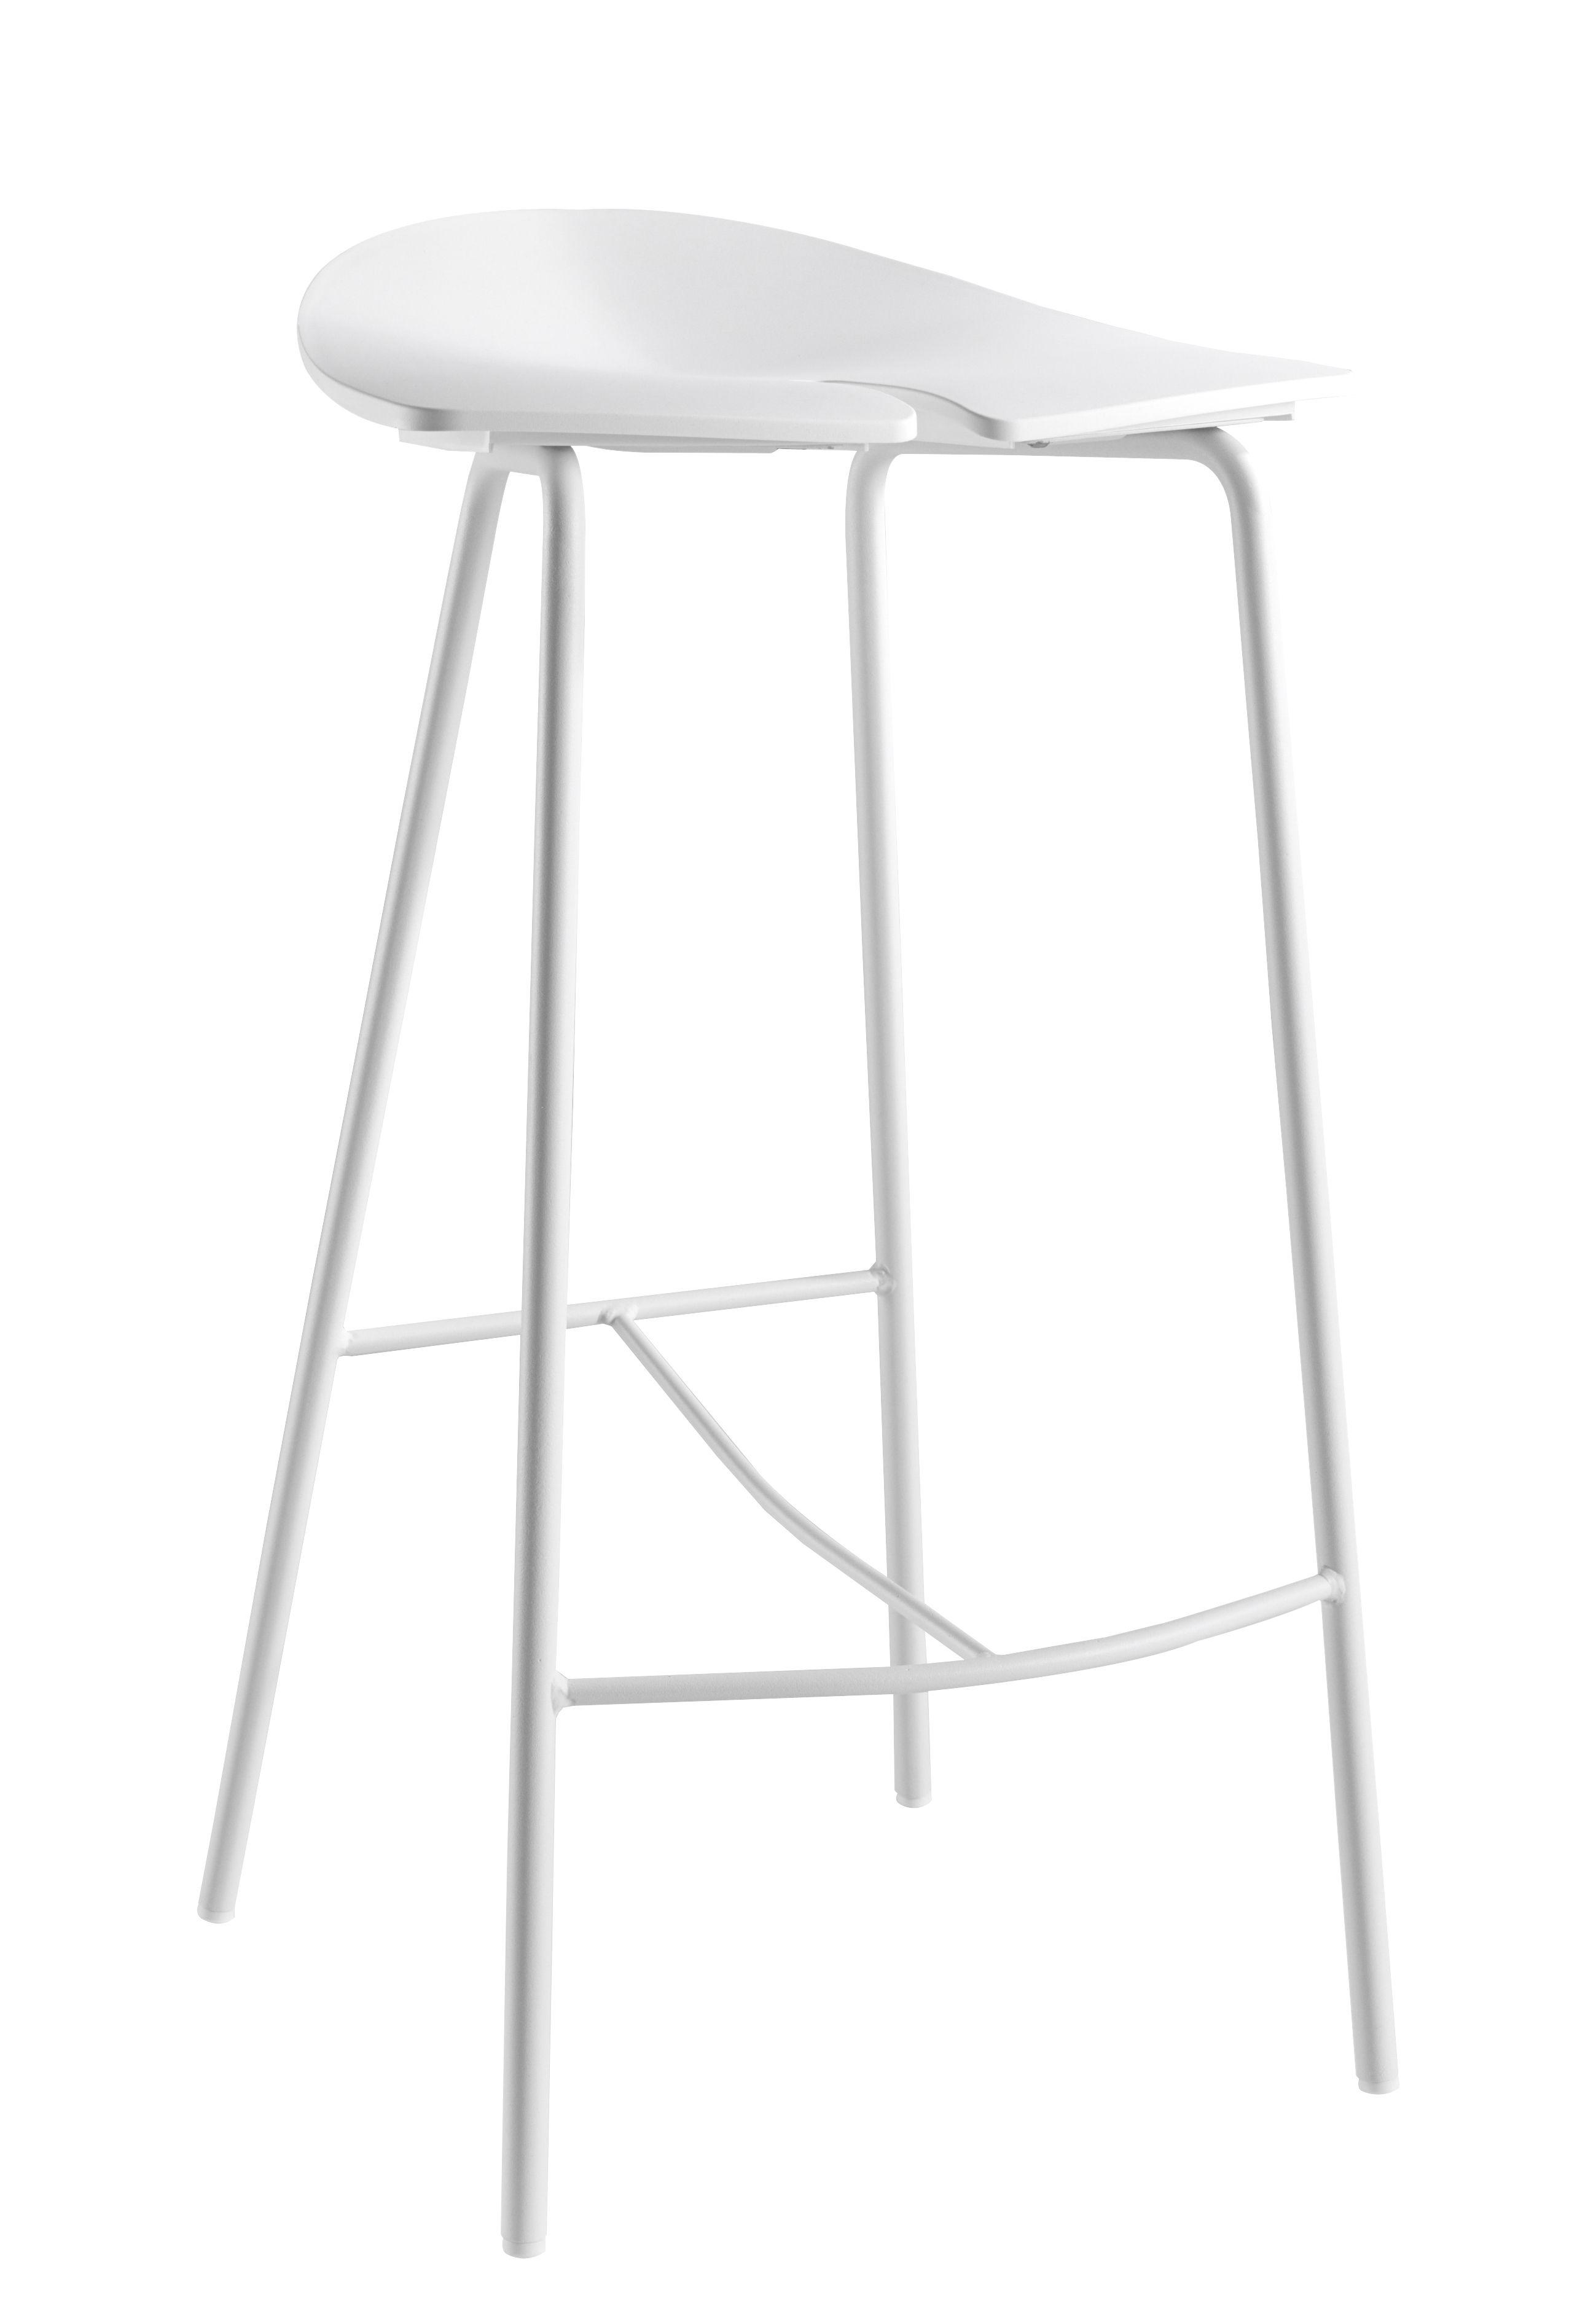 Mobilier - Tabourets de bar - Tabouret de bar Ant / H 68 cm - Plastique & Pieds métal - Ondarreta - Blanc - Acier, Polypropylène